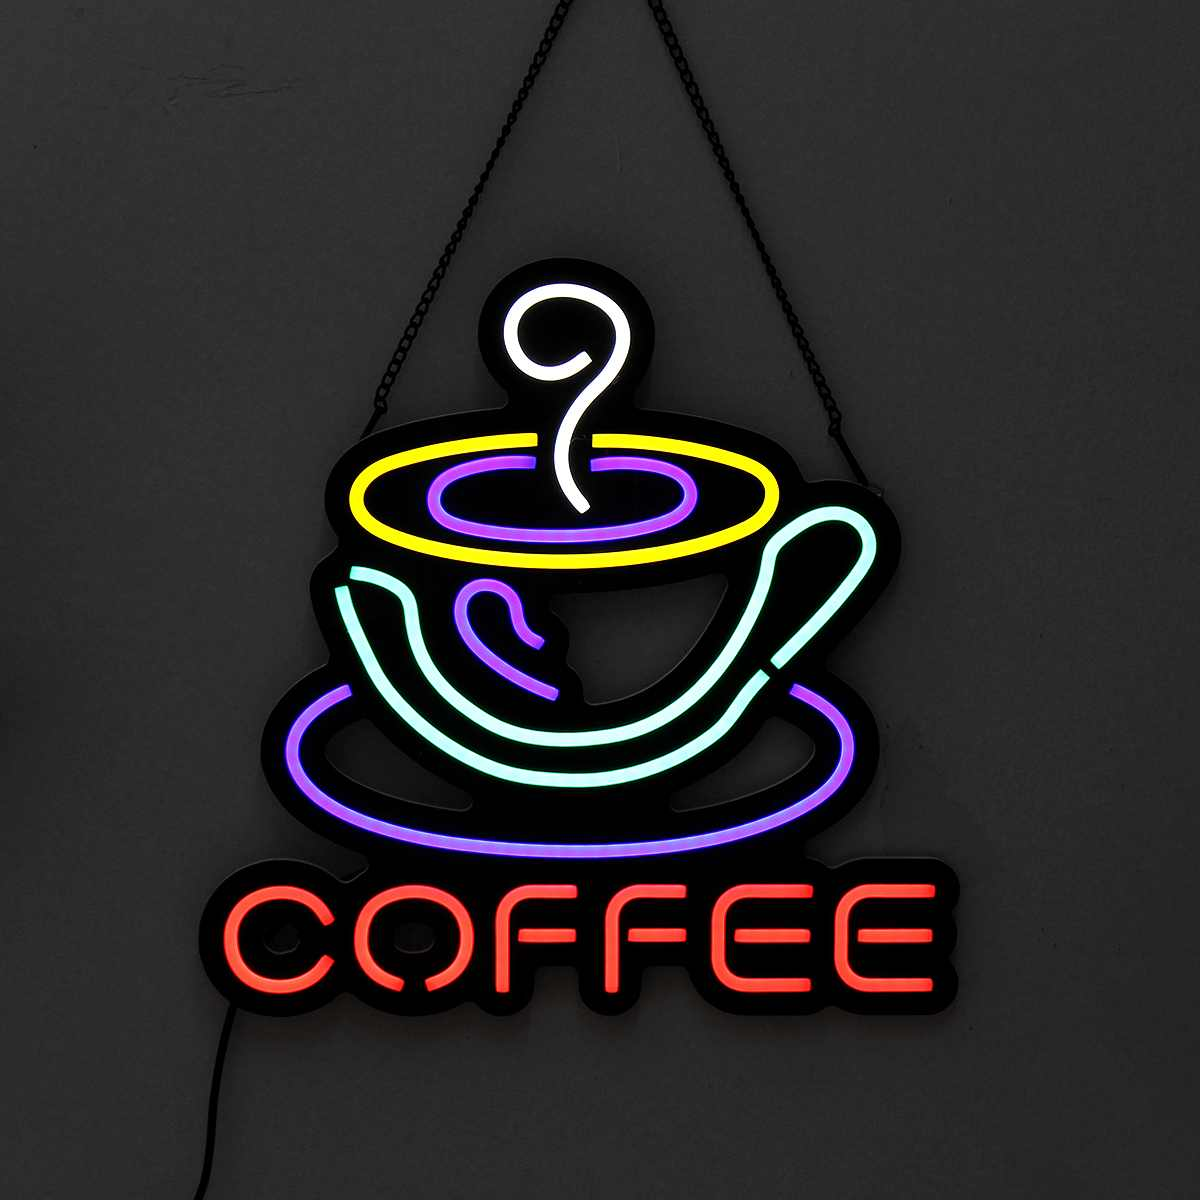 コーヒー Led ネオンサインライト吊りパーティーバークラブ視覚アートワークランプ壁の装飾商業照明ネオン電球 AC110-240V